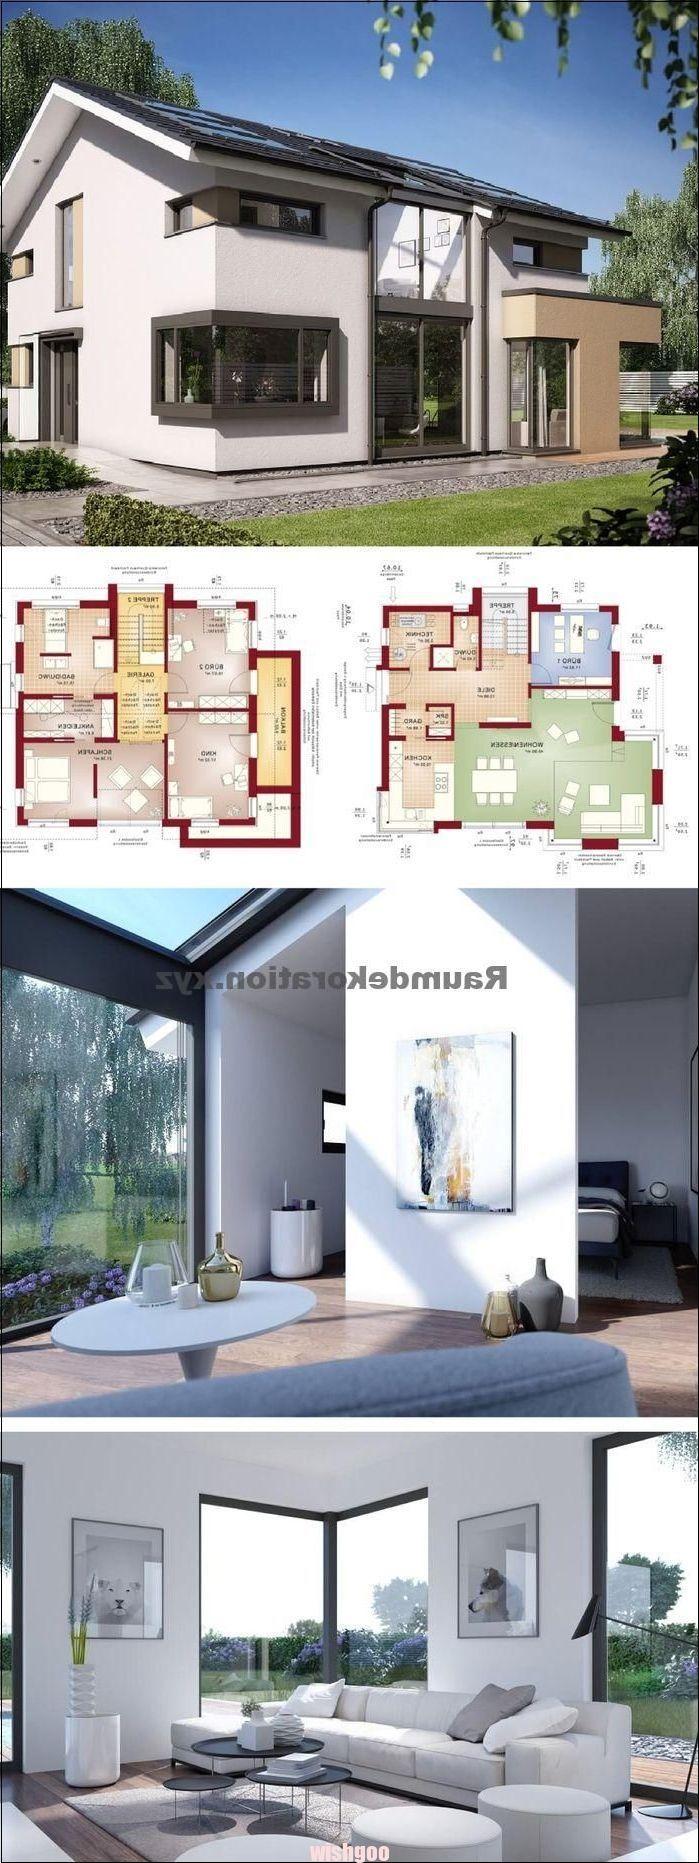 Architekturideen Einfamilienhaus Neubau modern mit